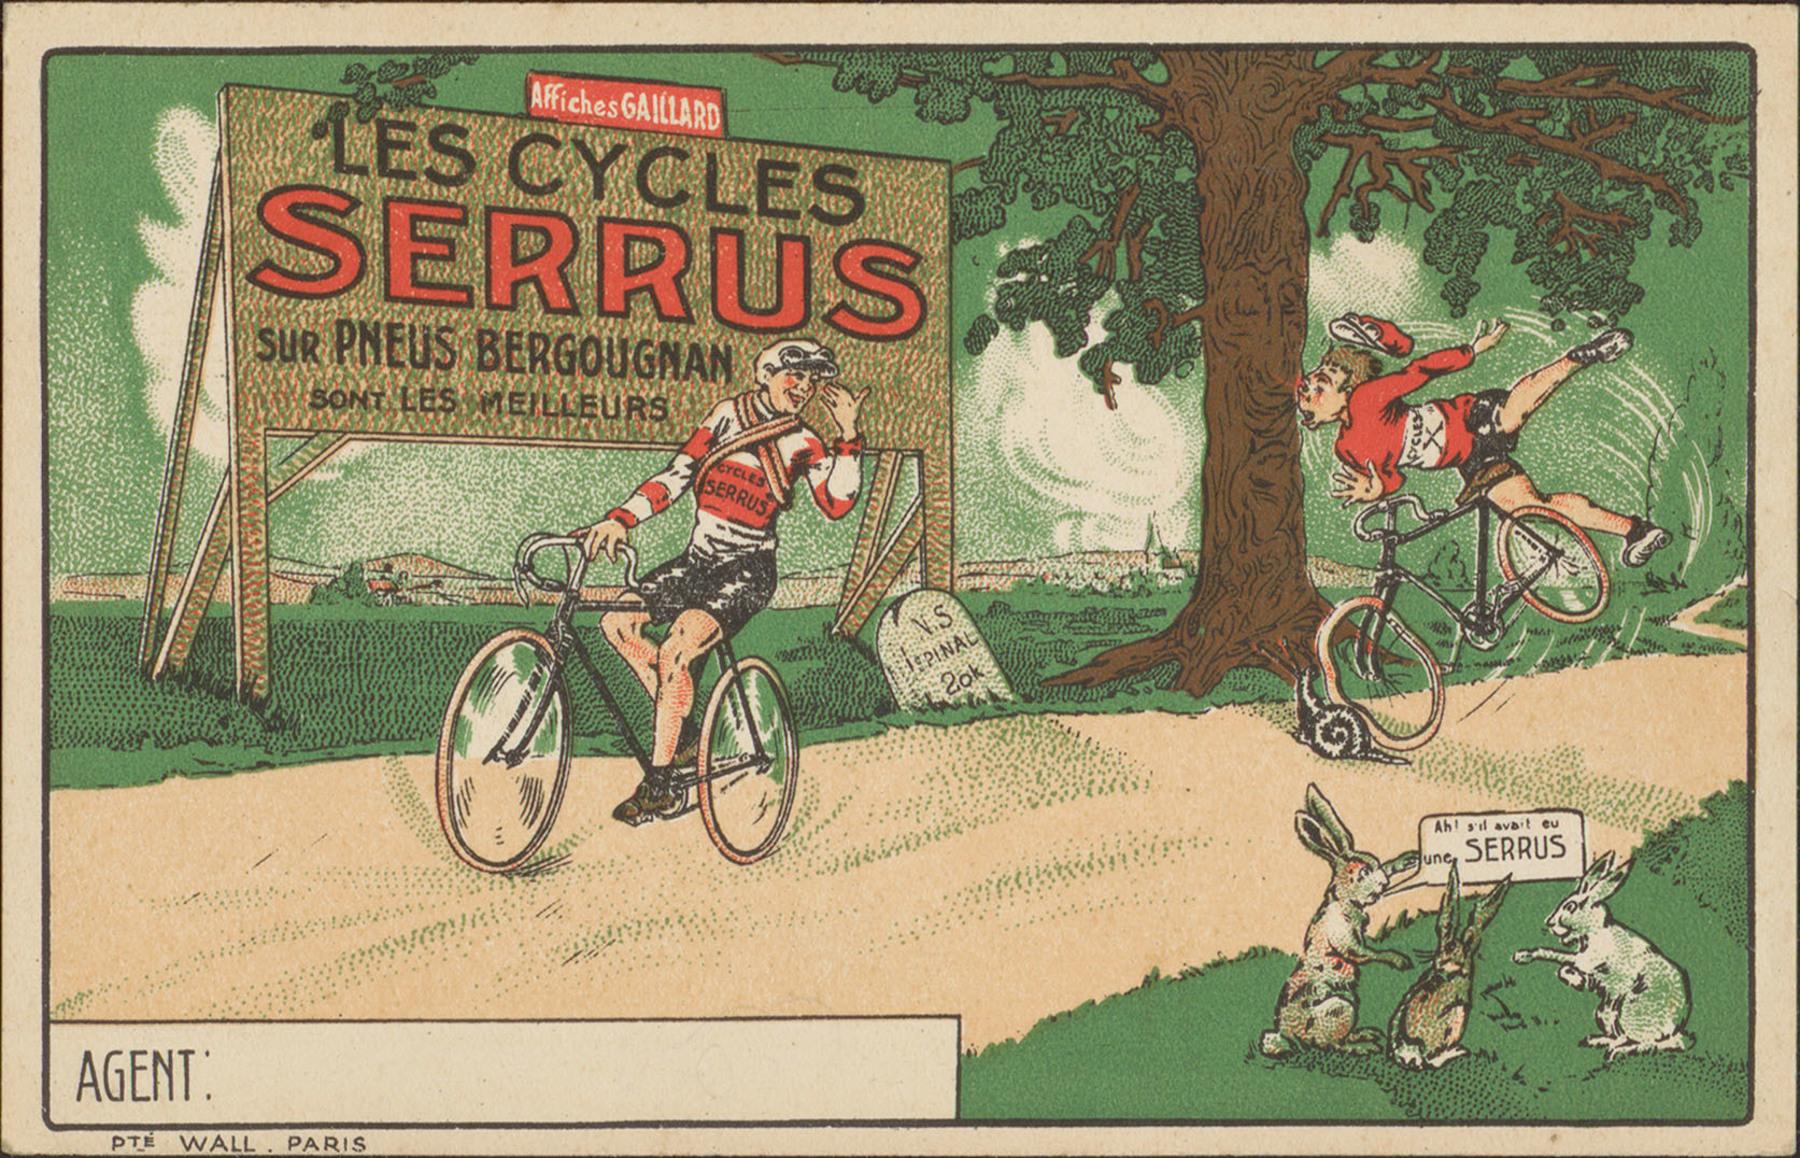 Contenu du Les Cycles Serrus sur pneus bergougnan sont les meilleurs